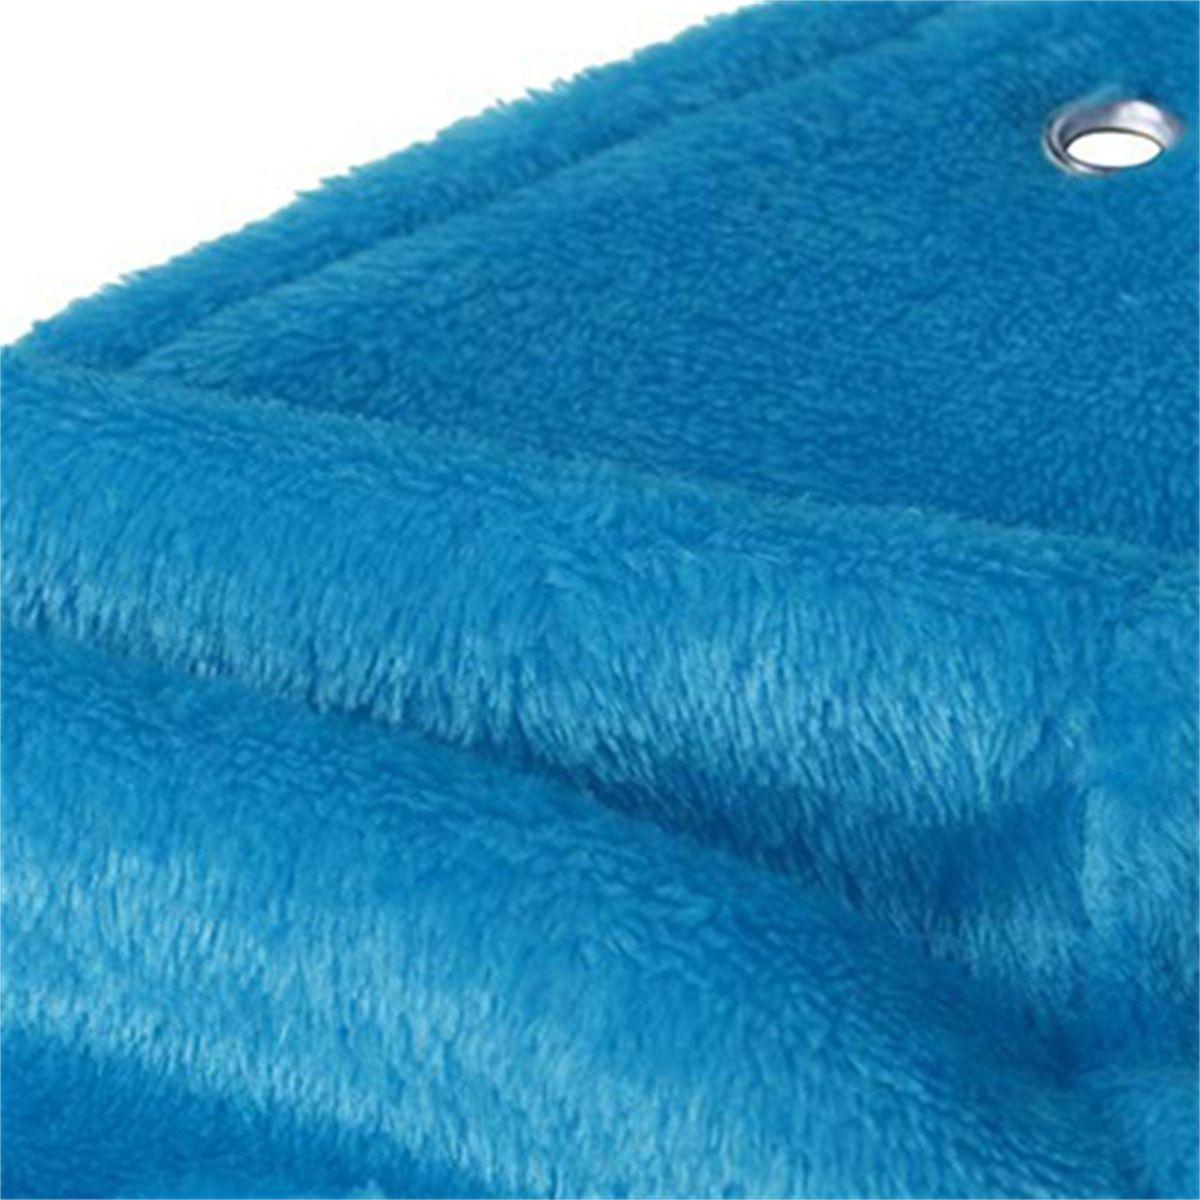 宠物用品宠物毛巾美容衣 狗狗修剪指甲带宠物吊床